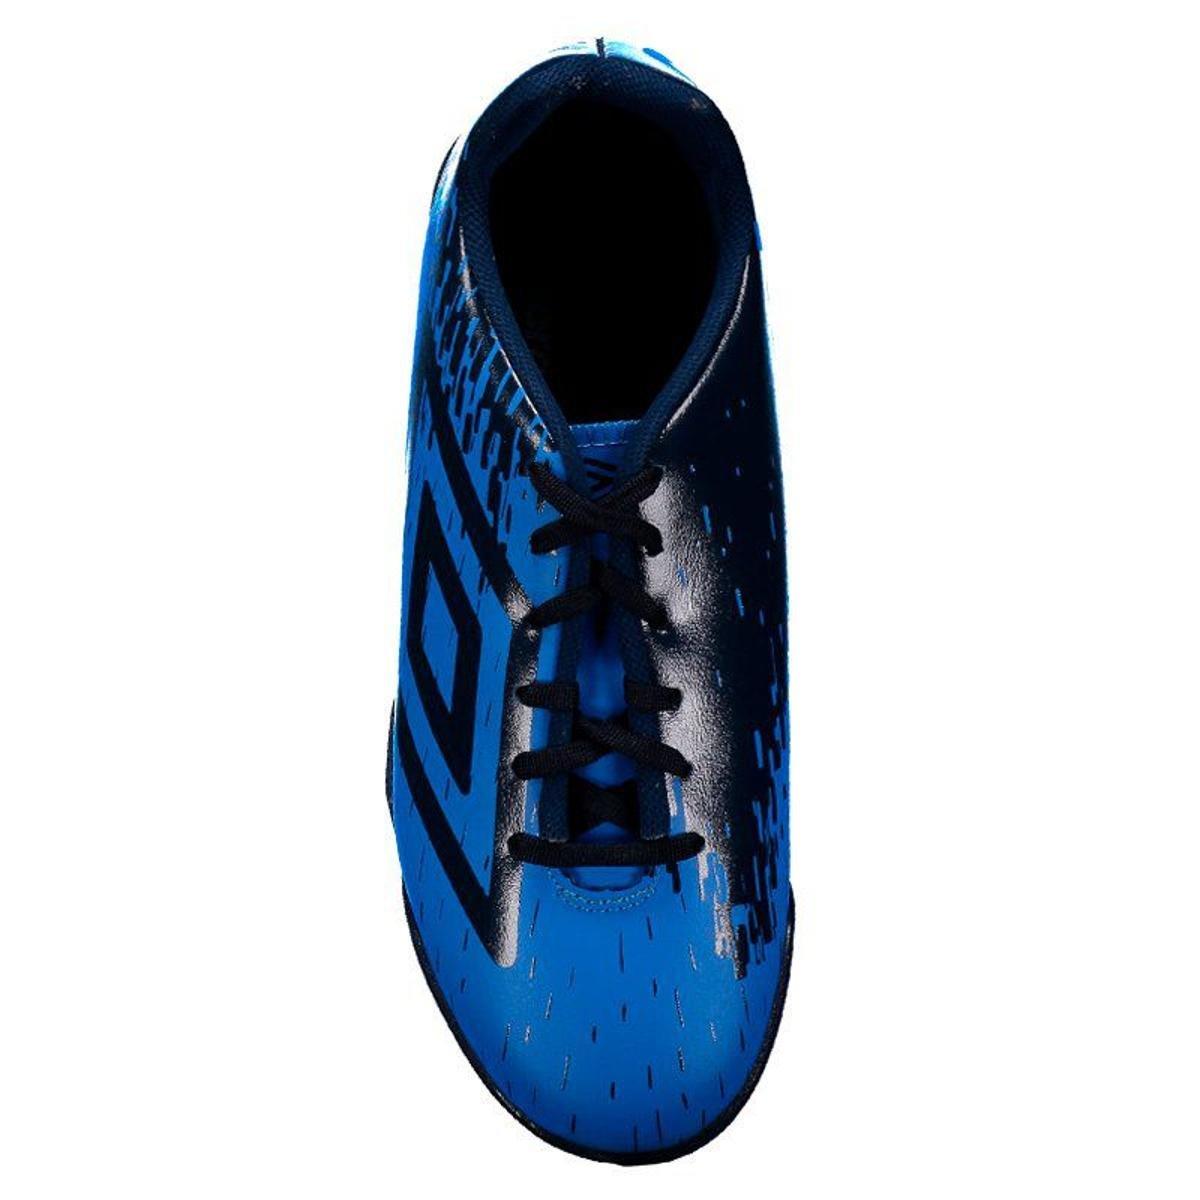 Chuteira Society Umbro Acid - Azul e Marinho - Compre Agora  1c4f565f79304